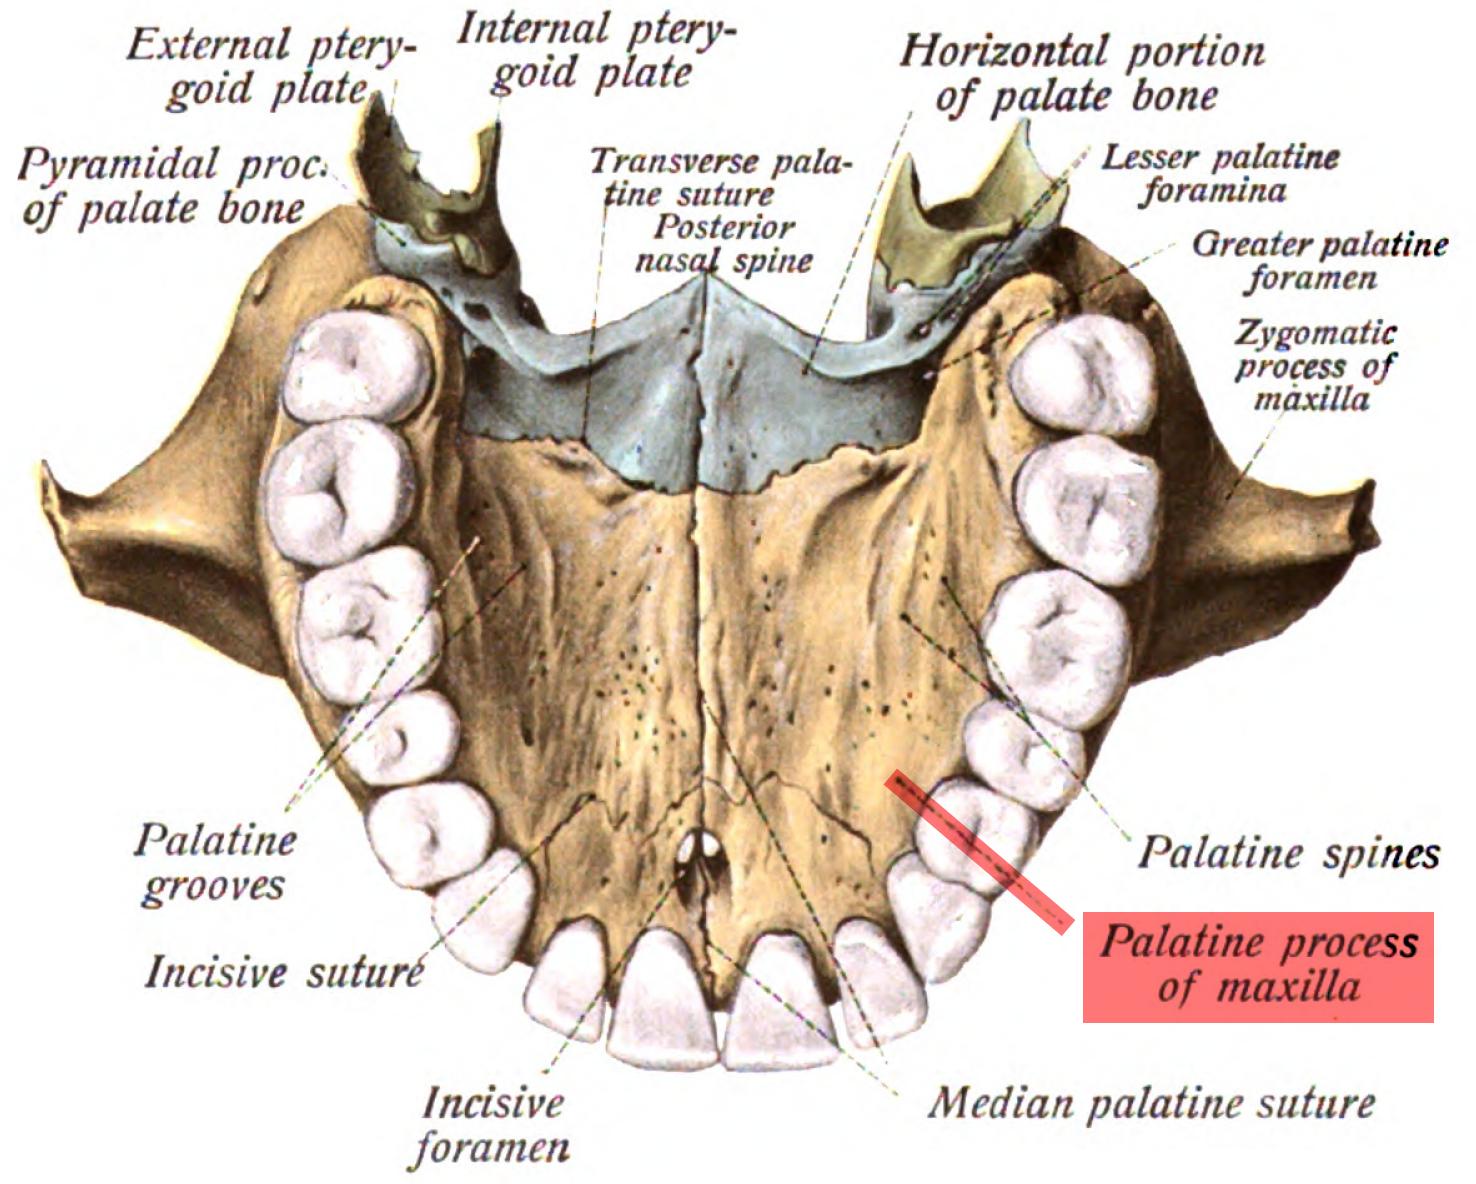 Palatine process of maxilla - Wikipedia